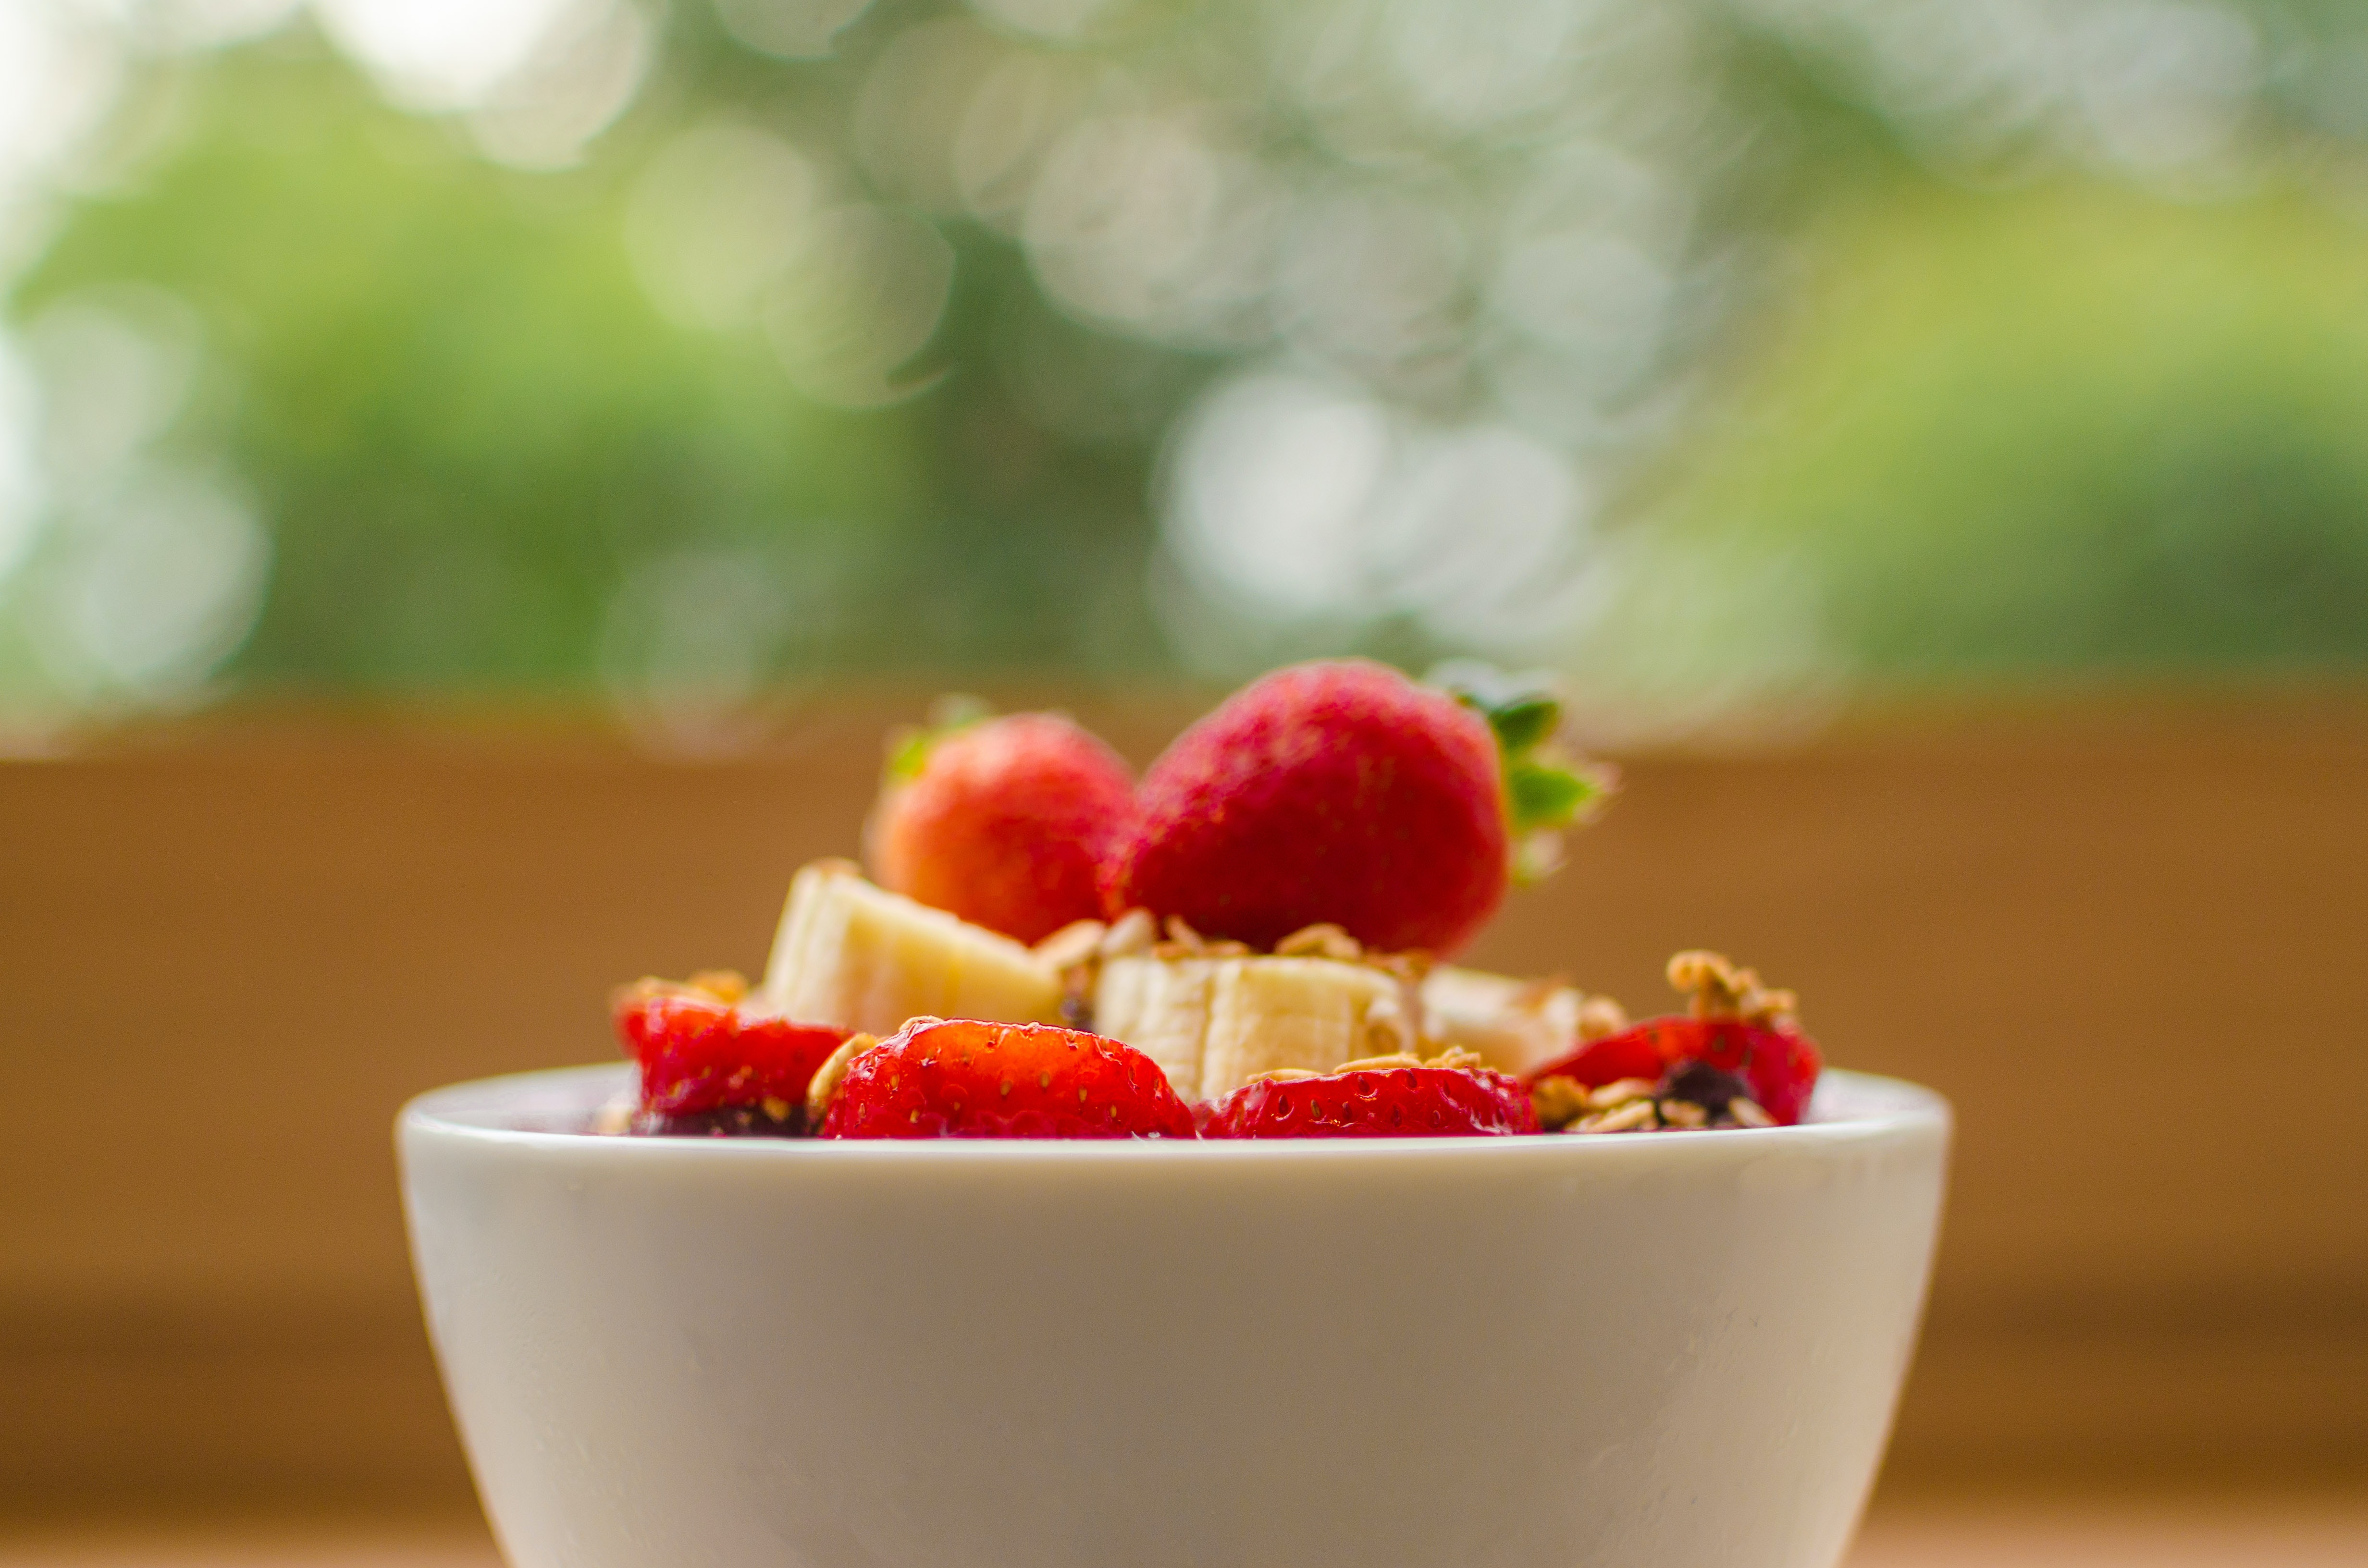 como-baixar-o-indice-glicemico Como baixar o índice glicêmico dos alimentos e comer melhor